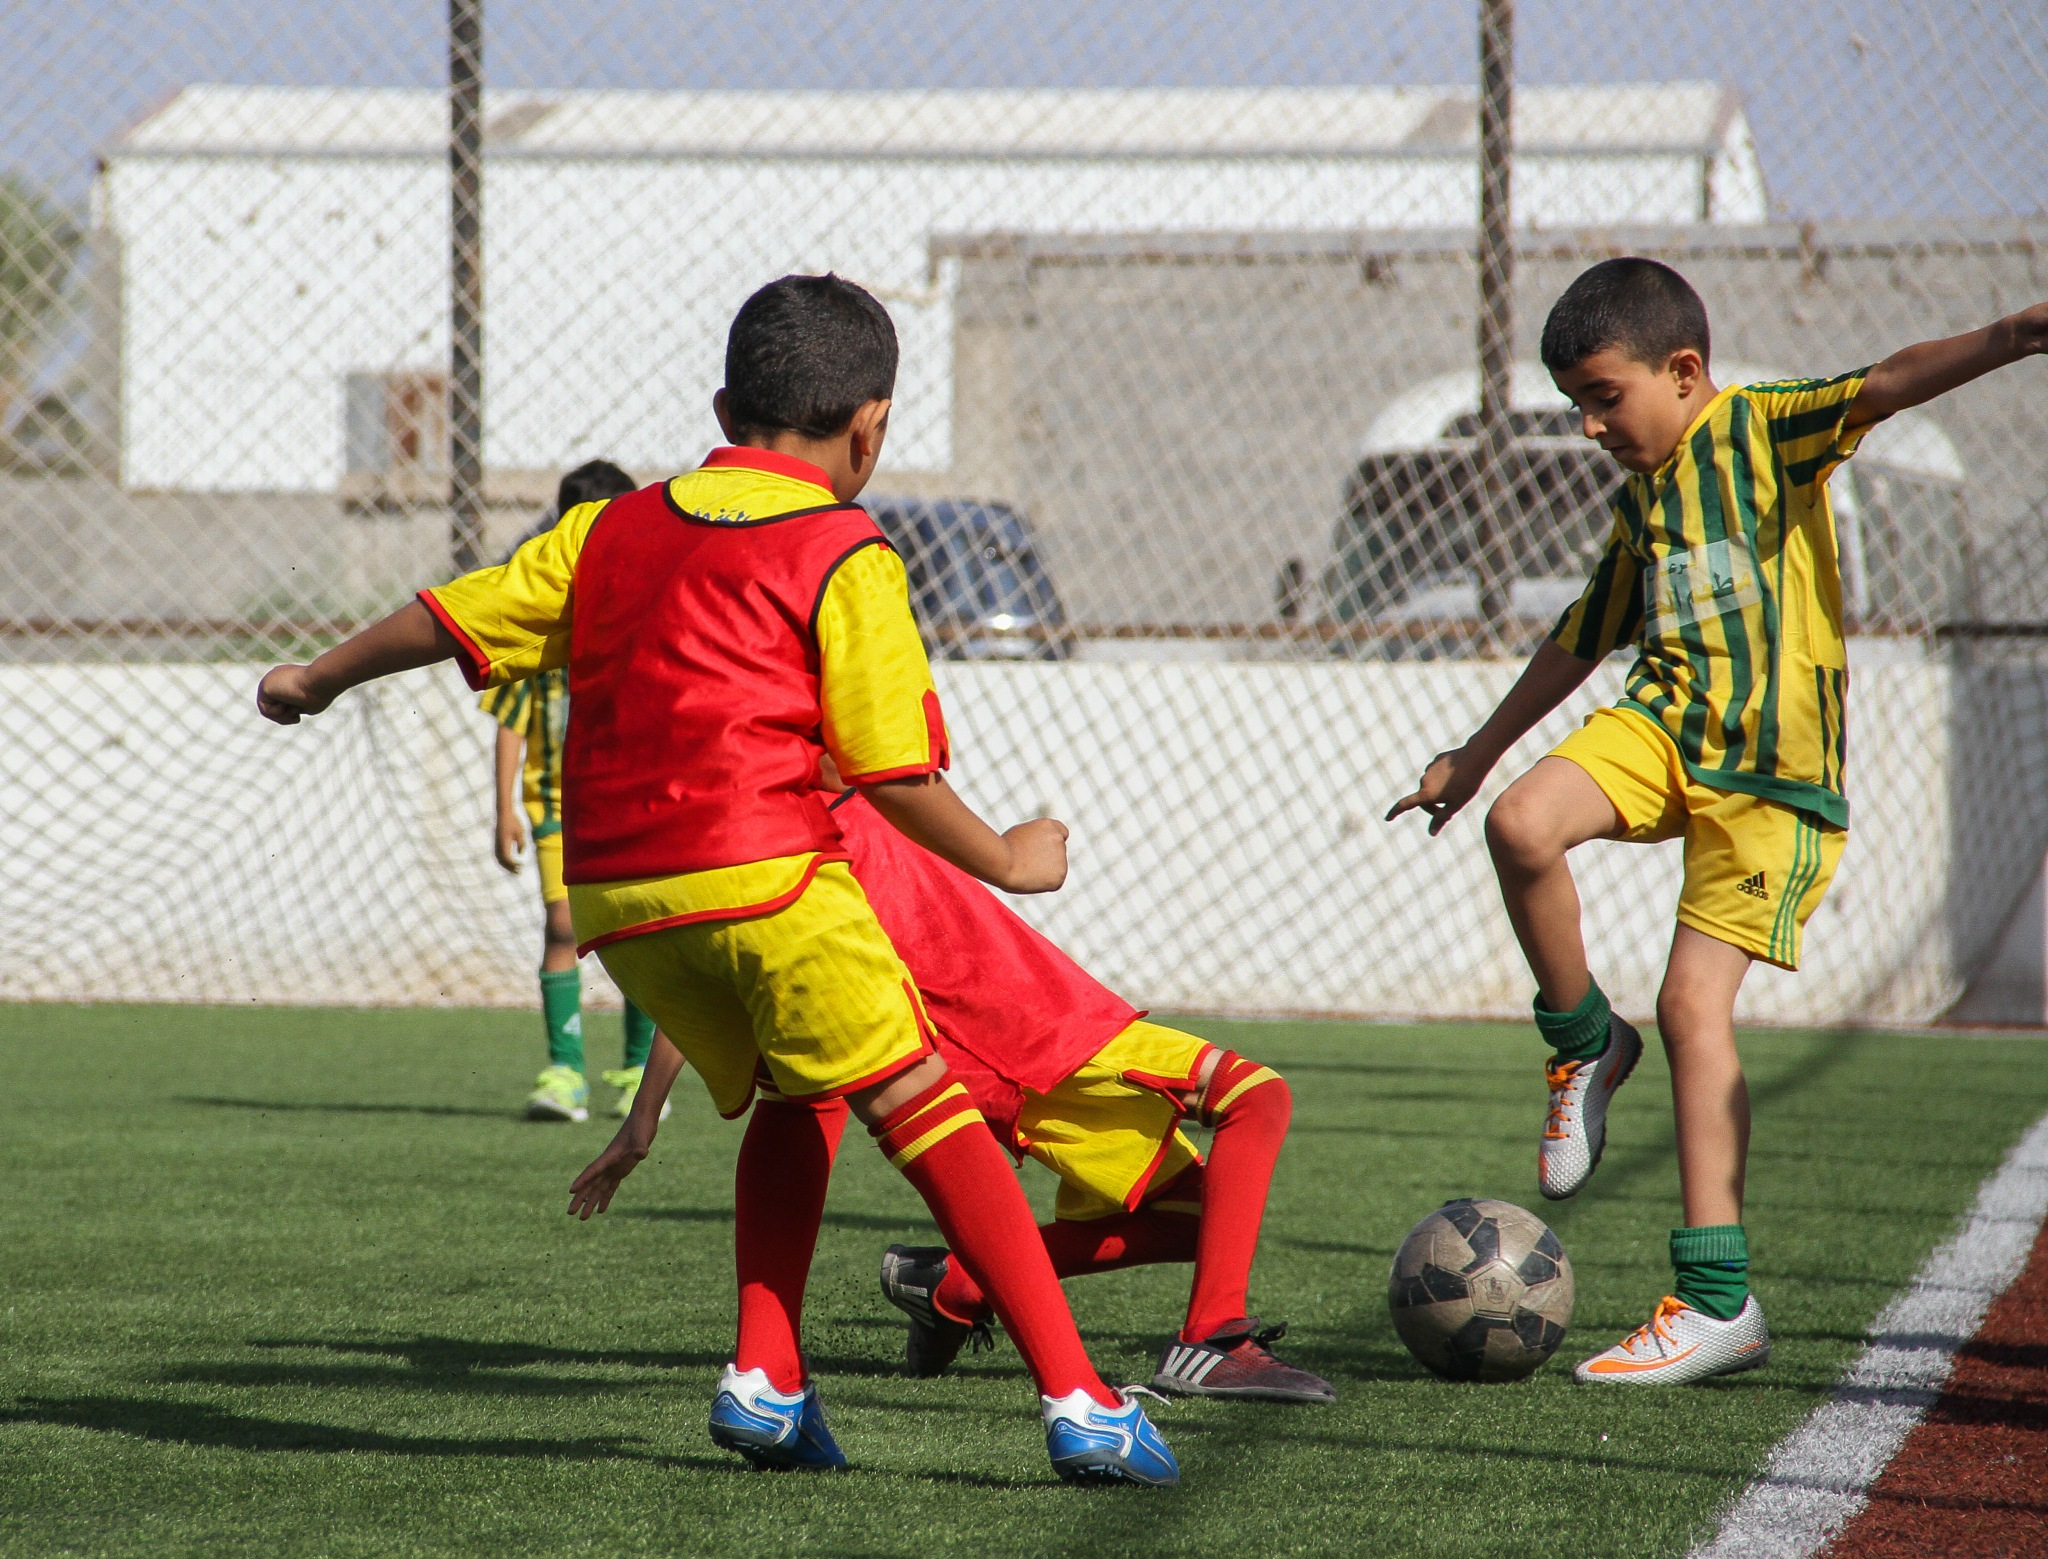 altfawoq football school by Abdullah Salem Marei